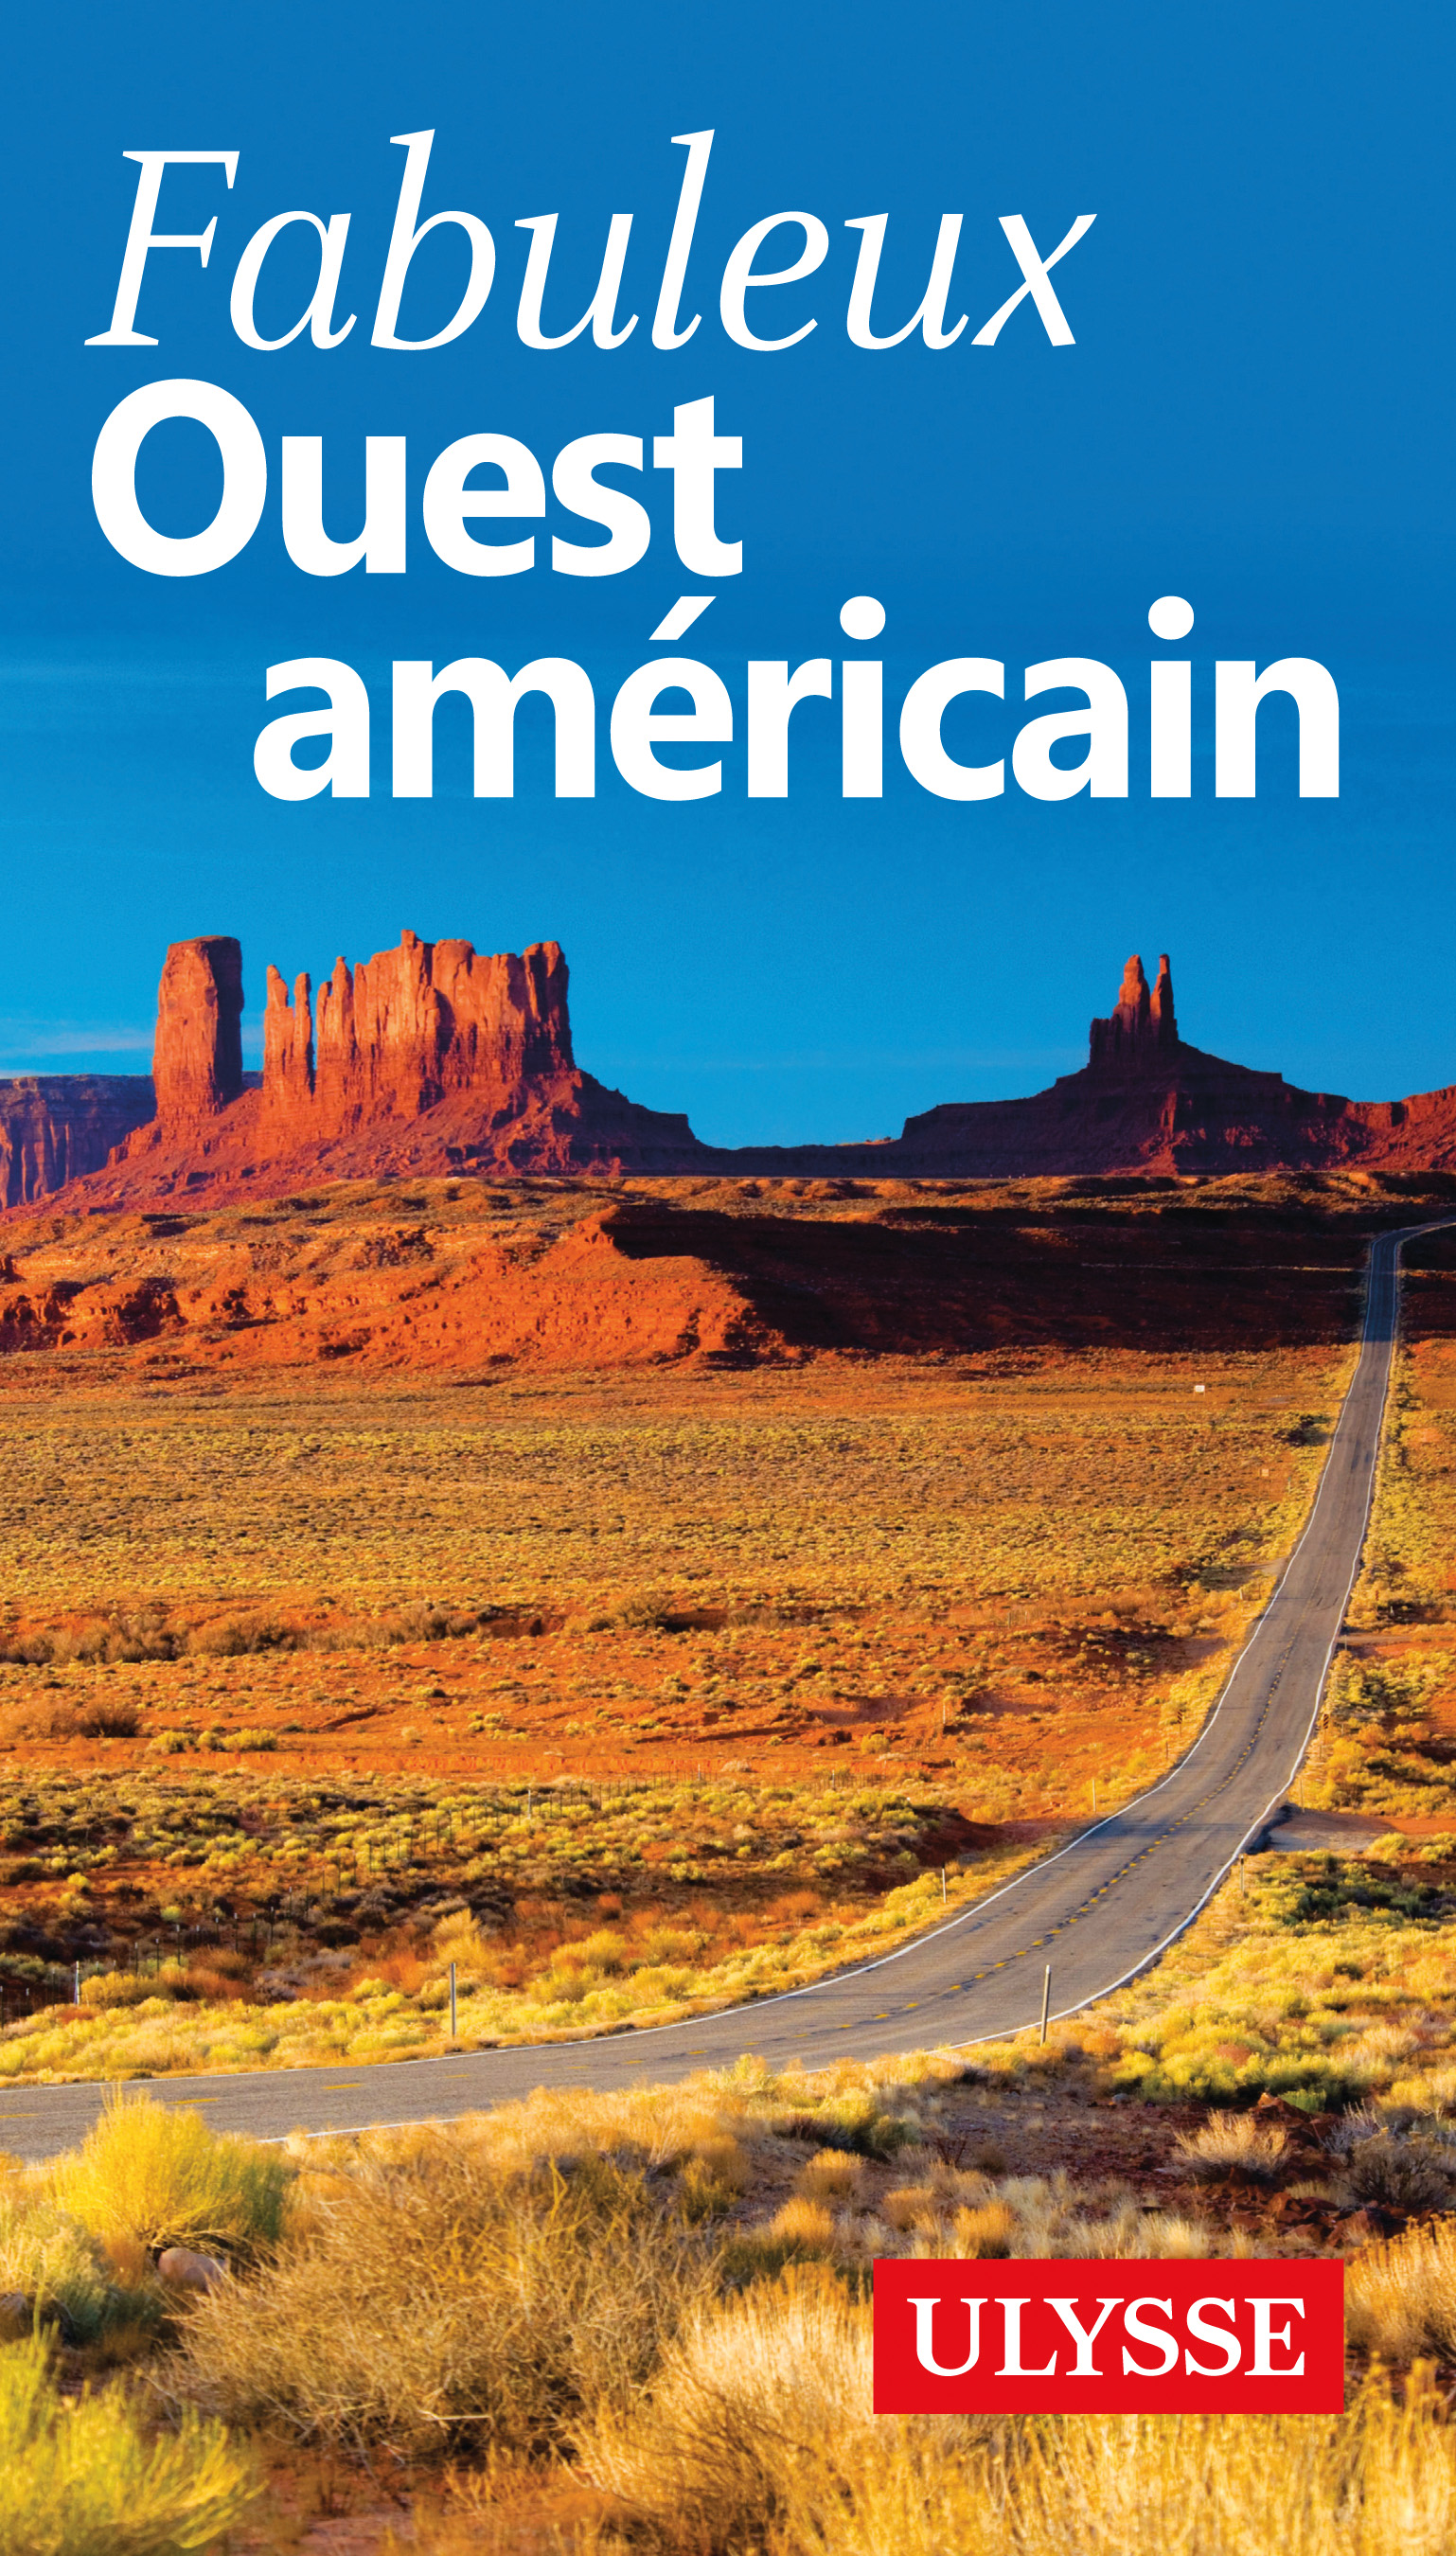 Fabuleux Ouest américain